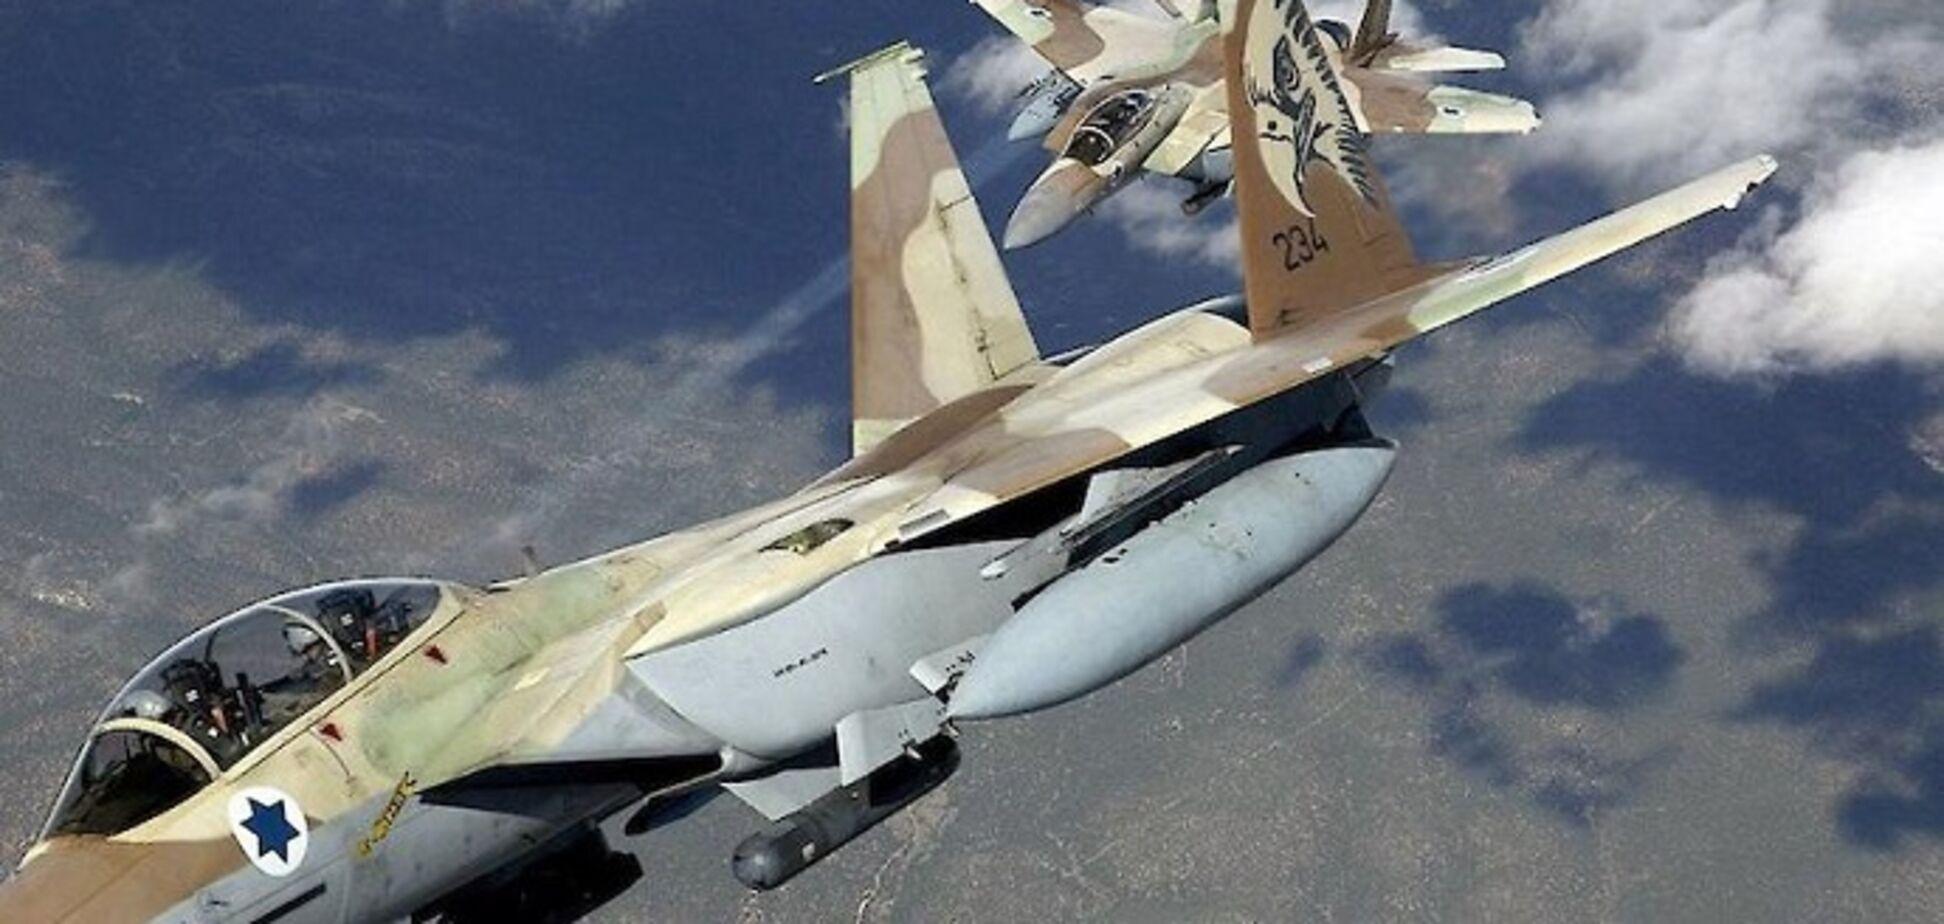 Ізраїль розбомбив будинок одного з командирів ХАМАС